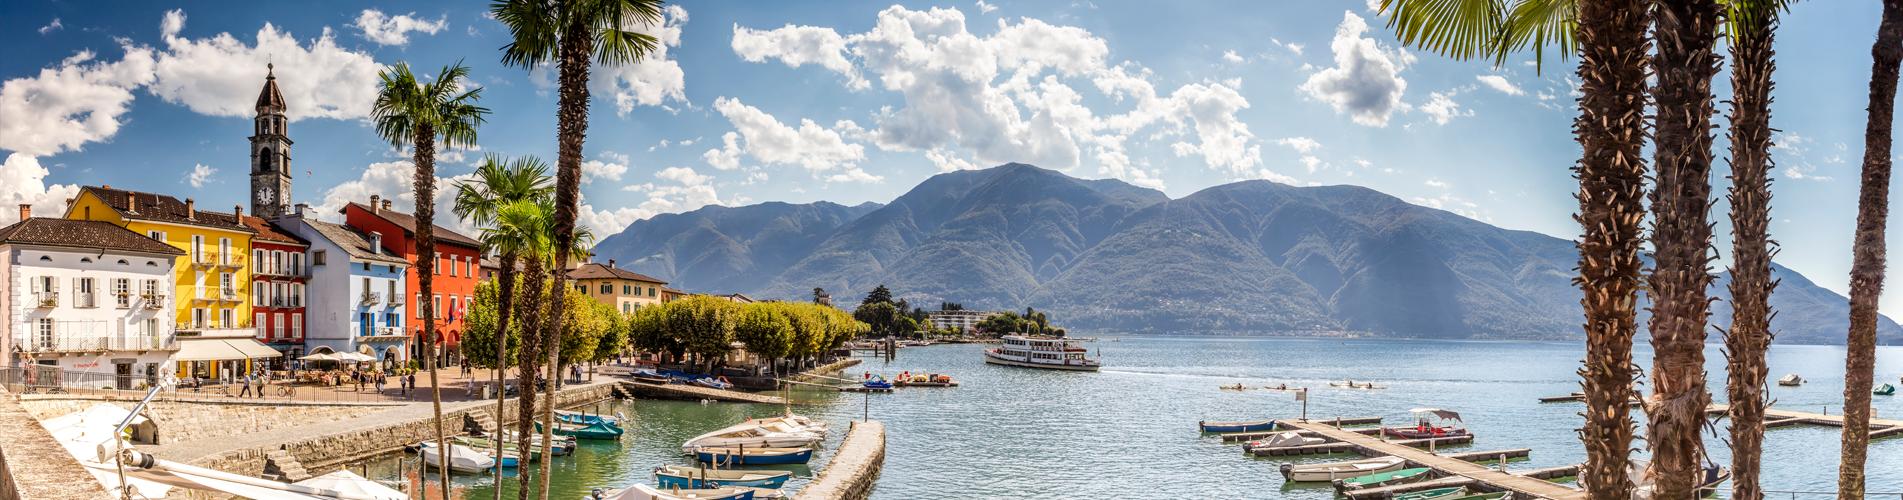 Wanderungen im Tessin in der Region Ascona und Locarno